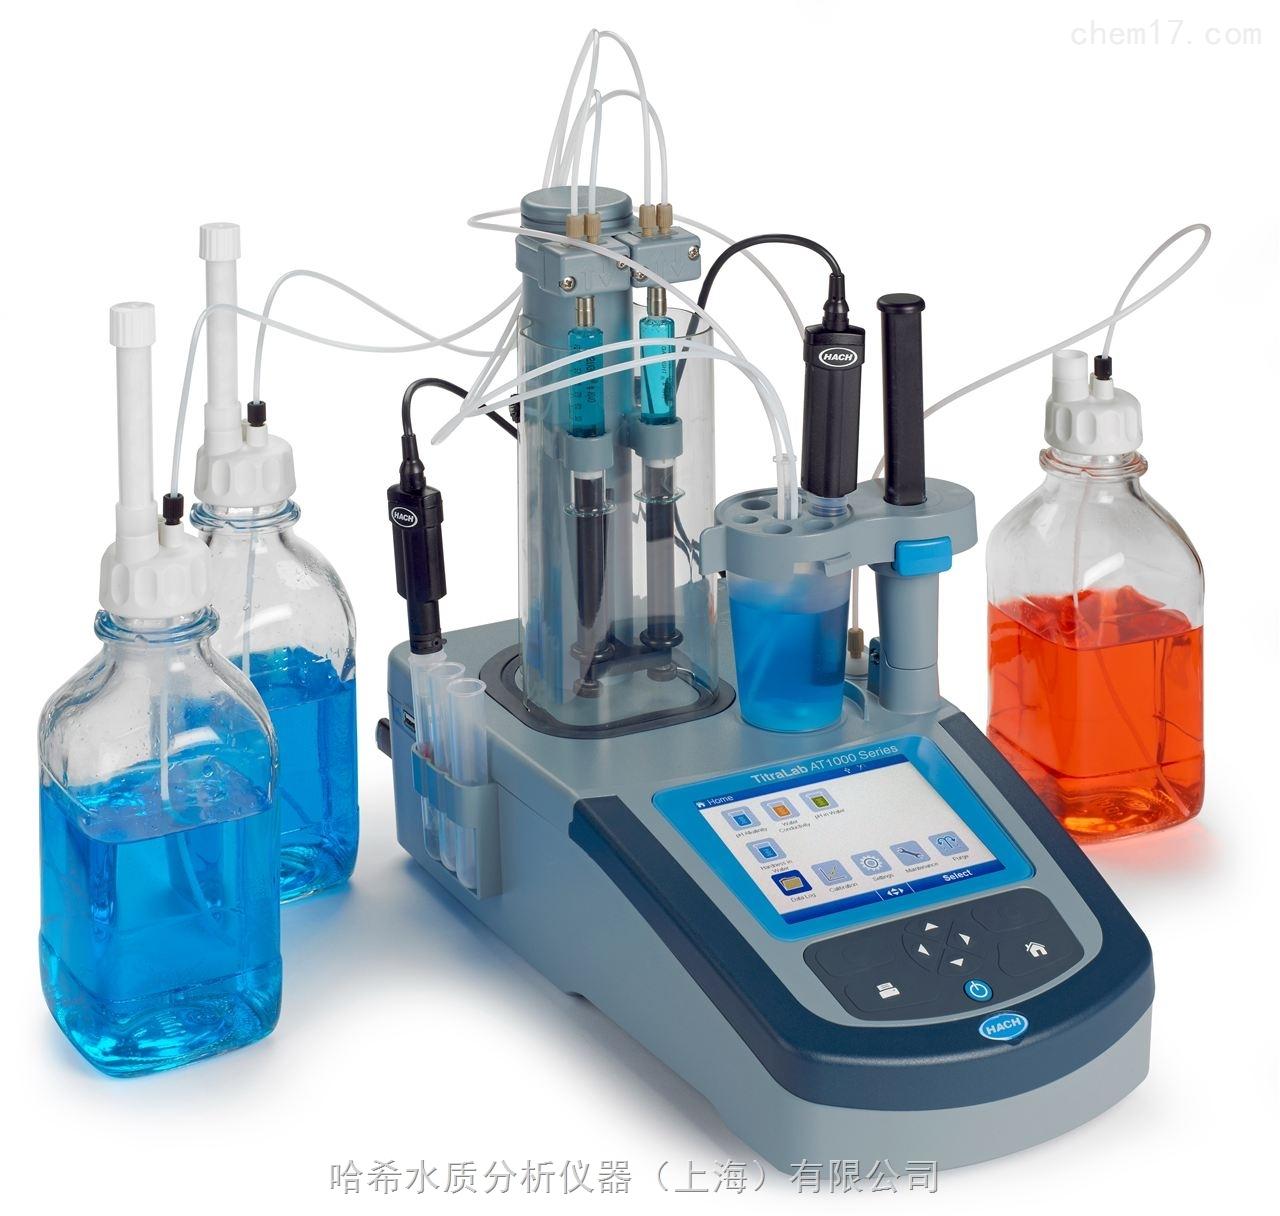 Titralab1000 系列自动电位滴定仪/水分仪